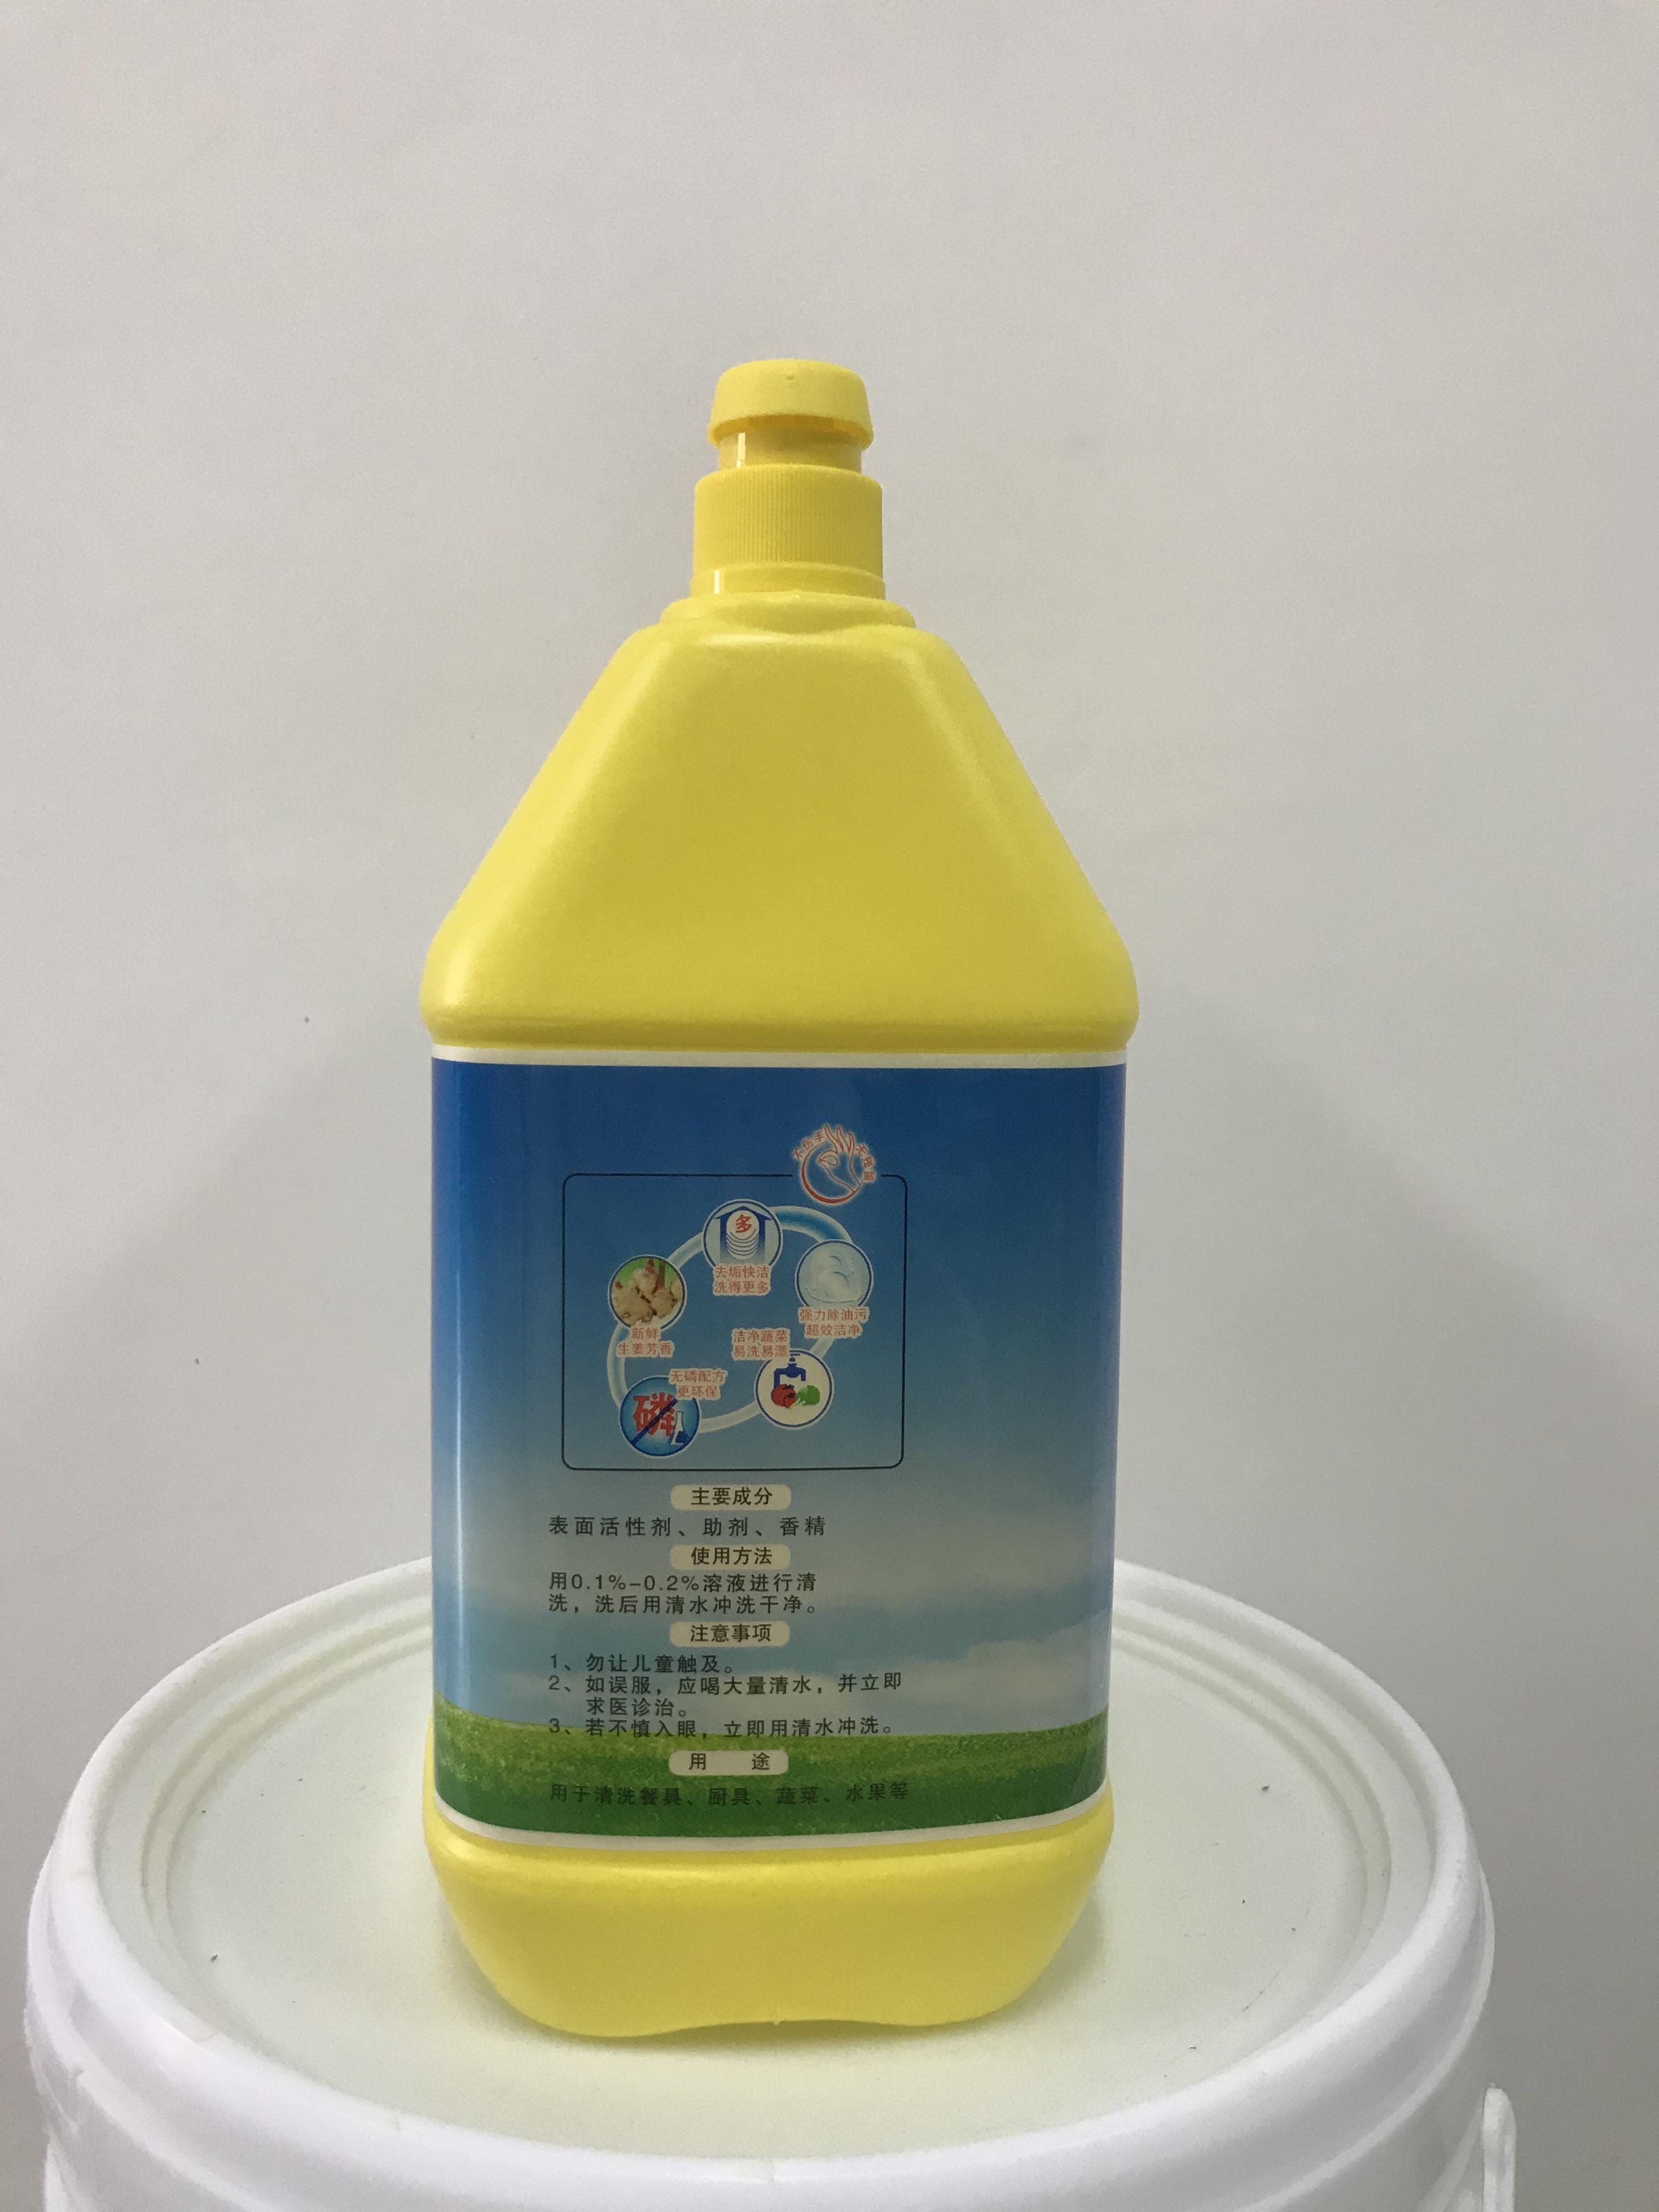 雨亮柠檬浓缩洗洁精4.18kg厂家直销多少钱【佛山南海区雨亮化工有限公司】